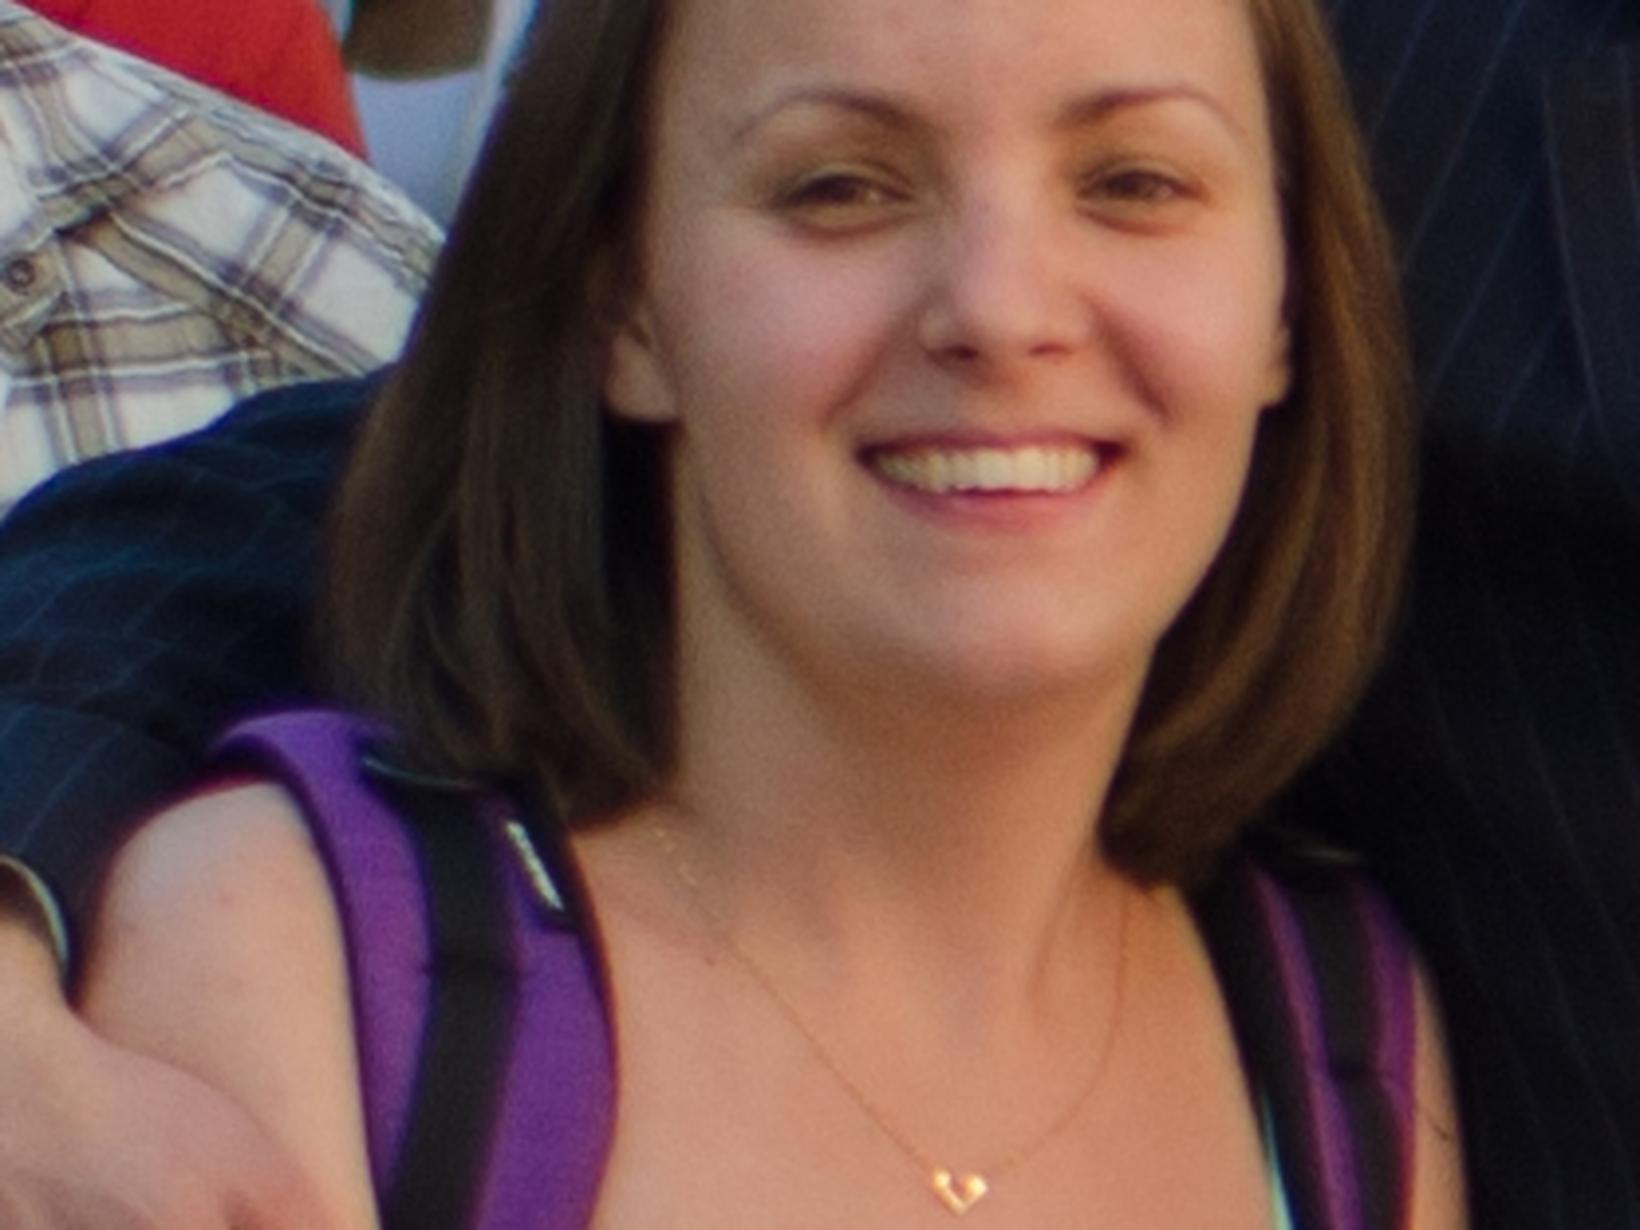 Martina from Uppsala, Sweden